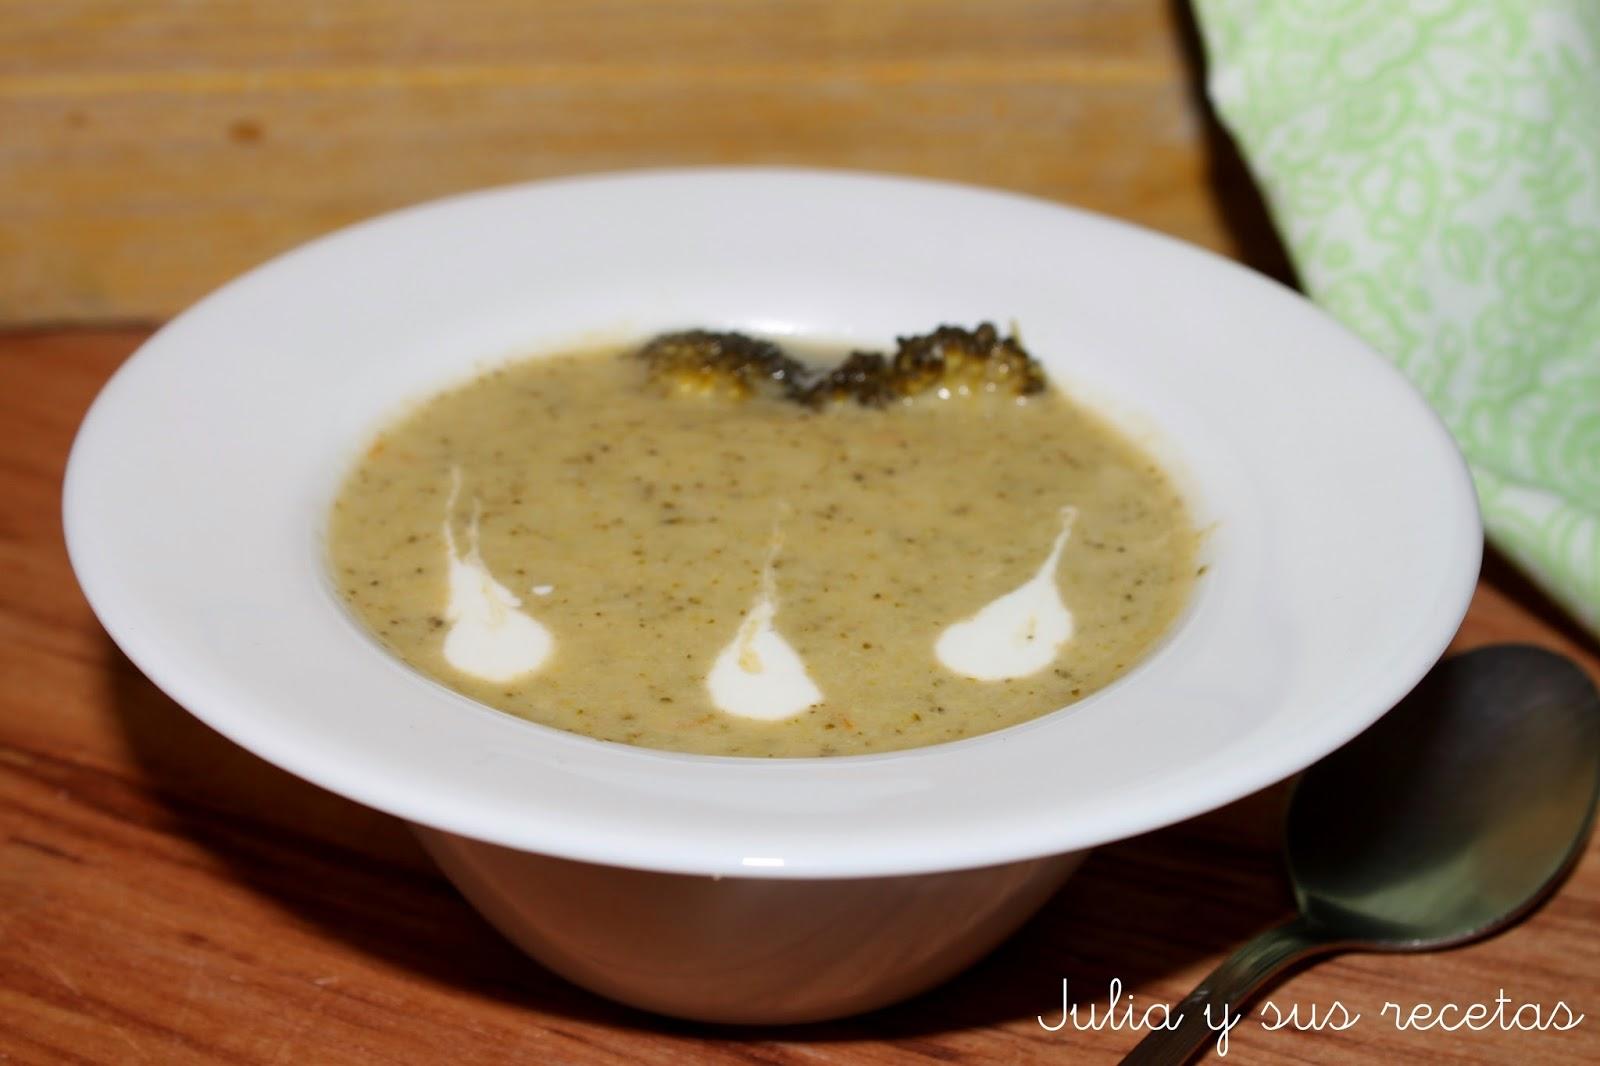 Crema de brócoli. Julia y sus recetas